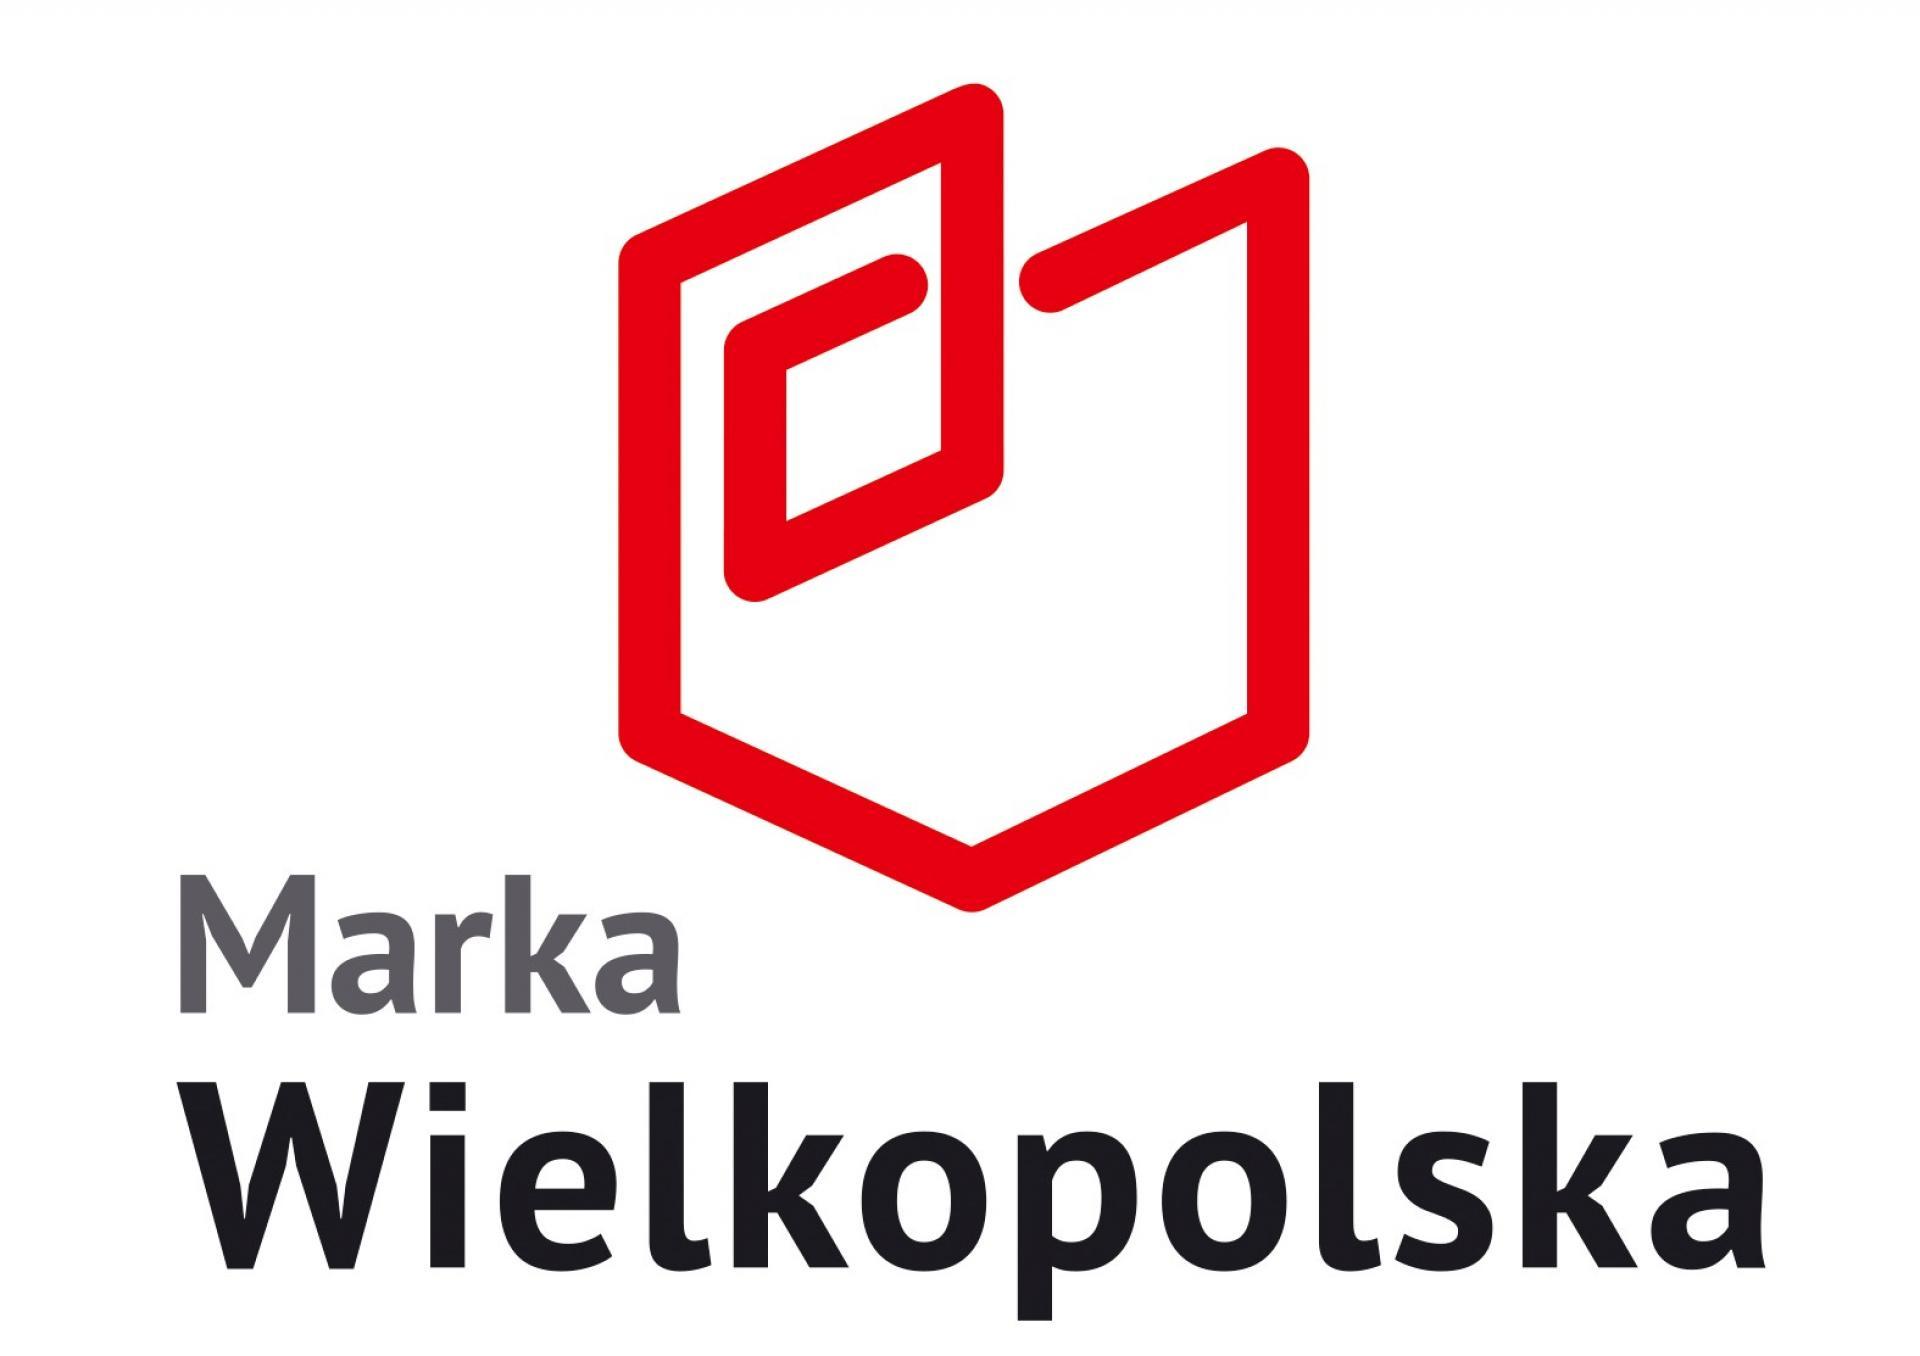 Uroczystość wręczenia Certyfikatów Marki  Wielkopolska ! - zobacz więcej